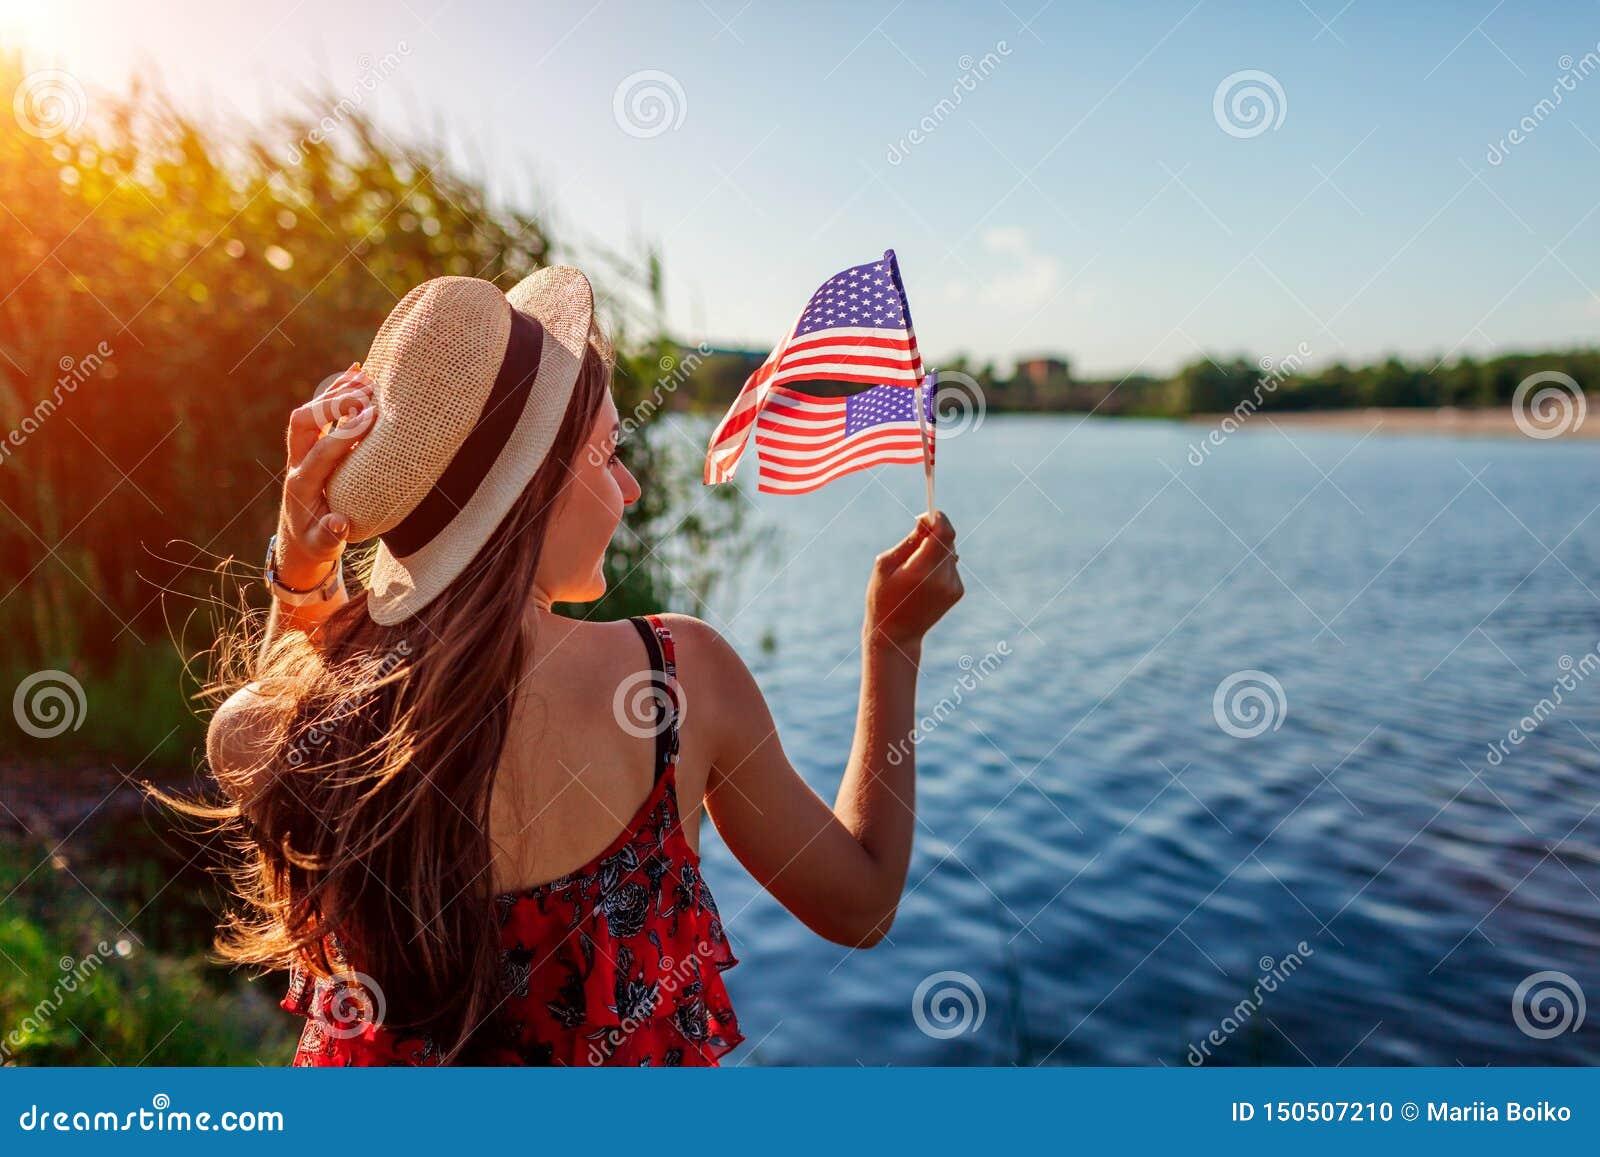 Frau, die USA-Flagge h?lt Feiern des Unabh?ngigkeitstags von Amerika